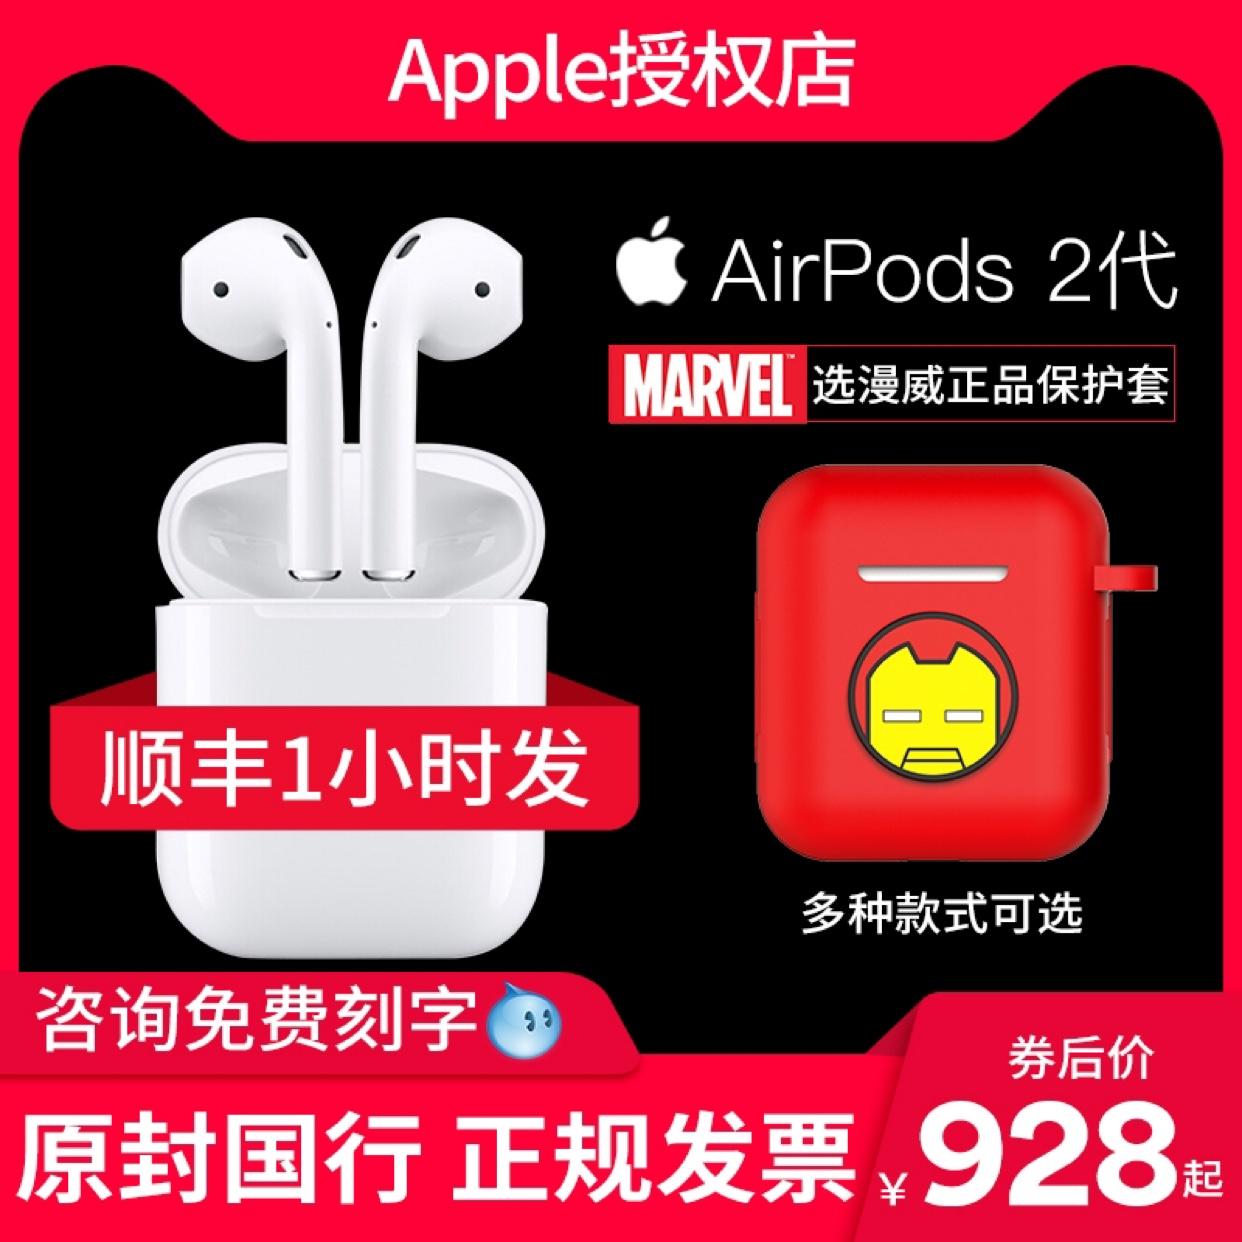 【顺丰1小时发 选漫威正版保护套】苹果AirPods2代无线蓝牙耳机配充电盒原装airpods二代AirPods Pro